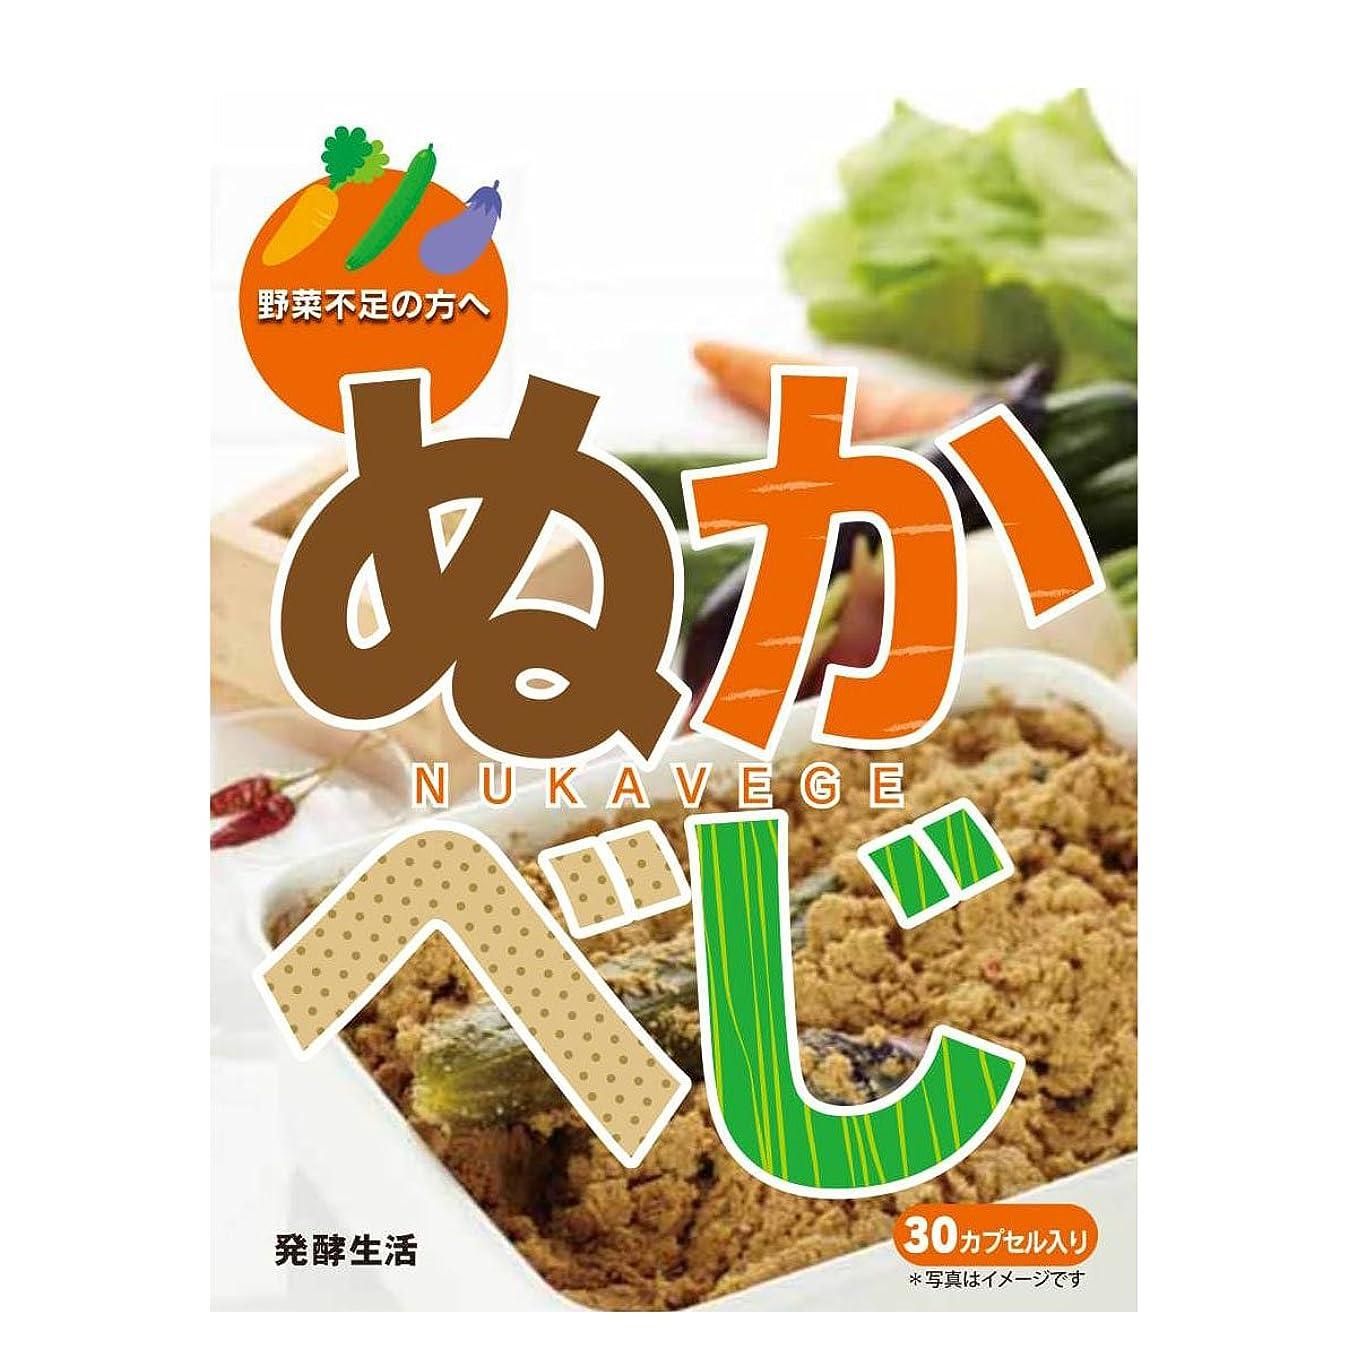 冷ややかなありがたいファッション発酵生活 ぬかべじ (約30日分) ダイエット 酵素サプリ 野菜酵素配合